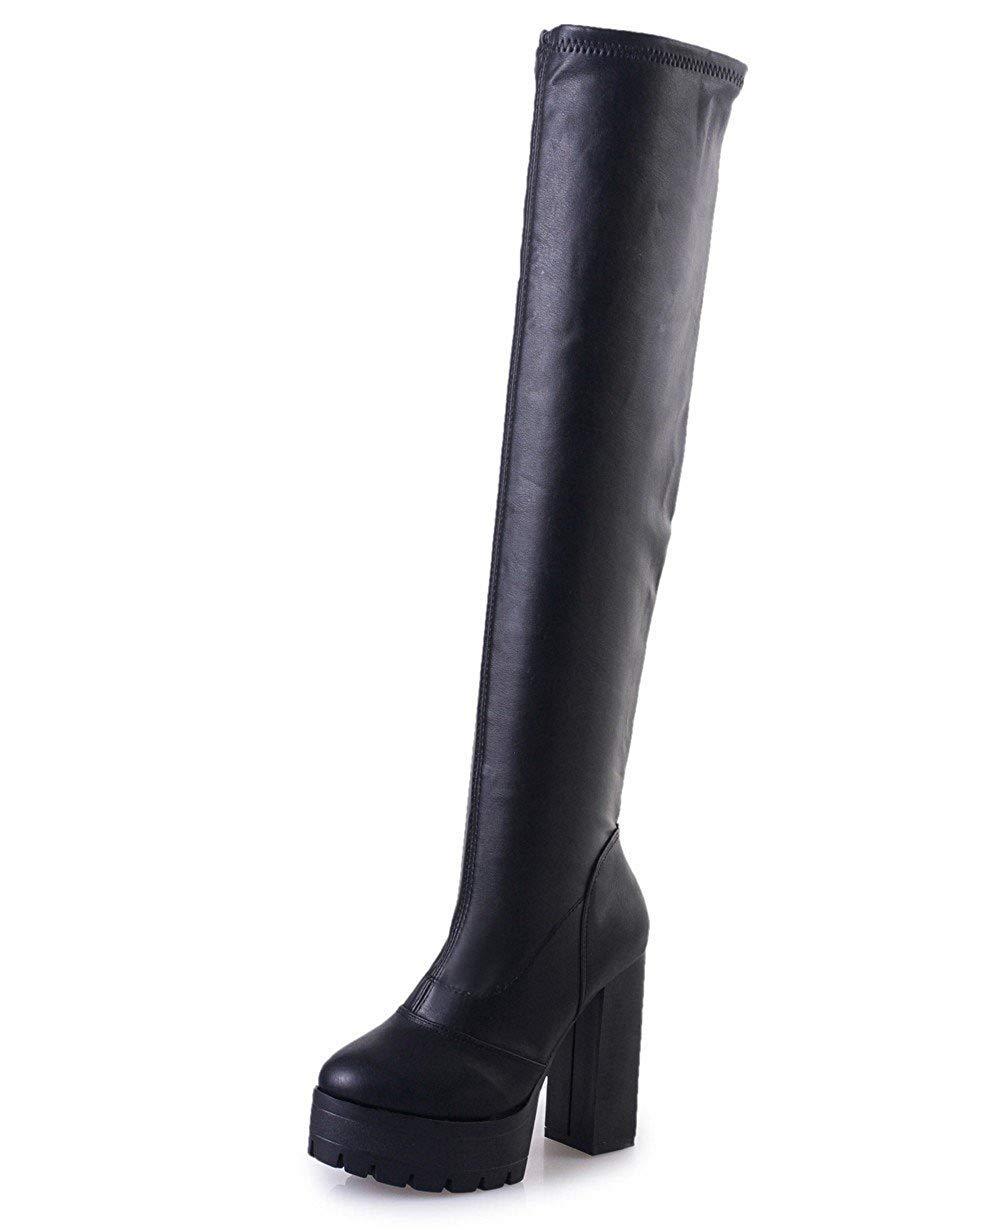 SED Ms Pu Elastic Knee Boots Stivali tacco a punta tallone tubo scarpe calde,35 Eu,Nero 35 Eu